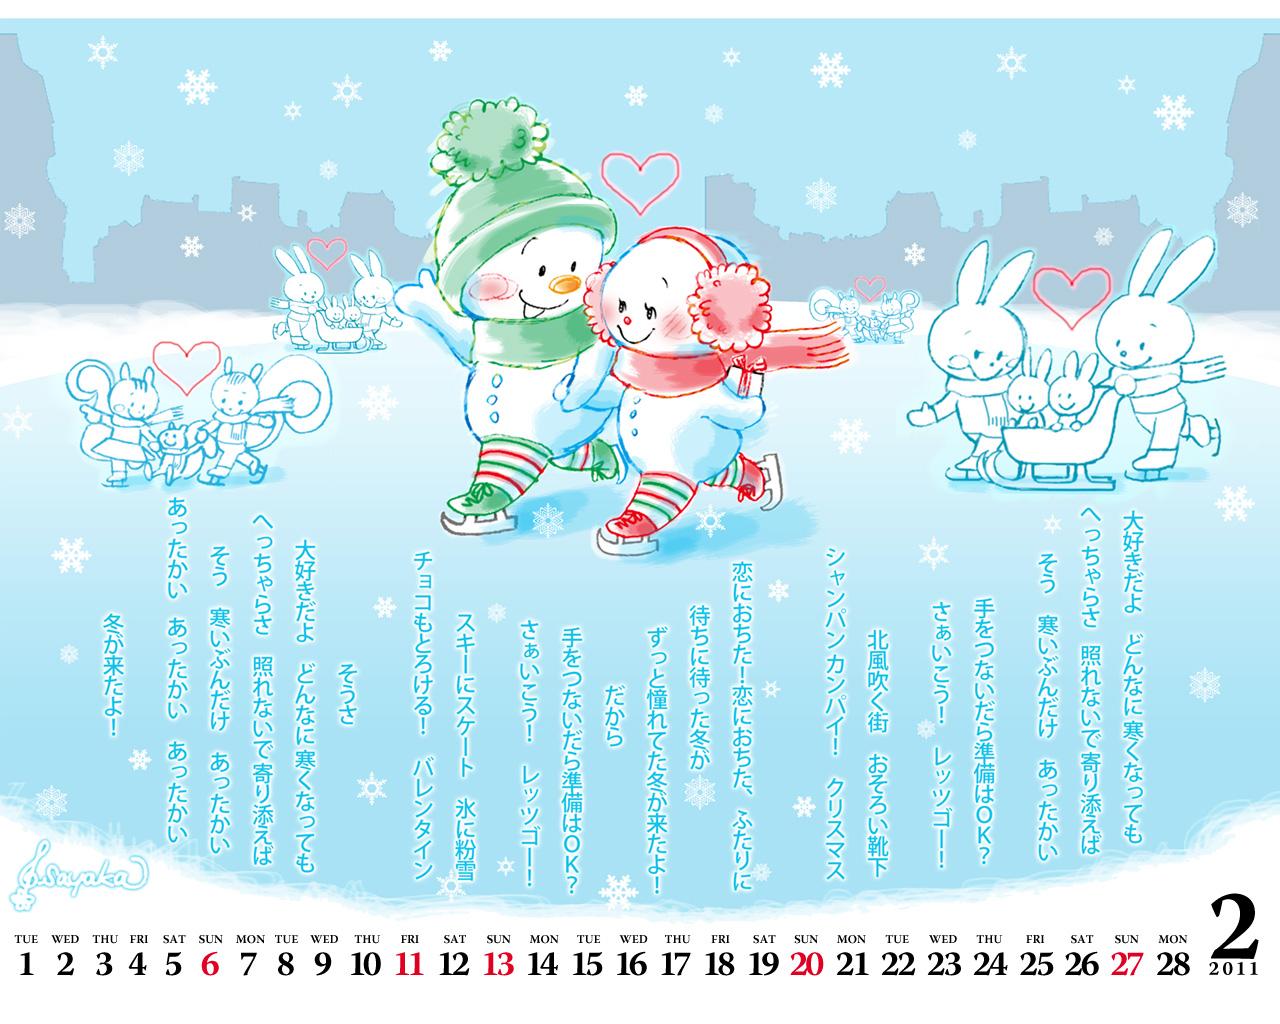 雪だるまカップル熱愛発覚 サヤカレンダー2011年 2月号 お